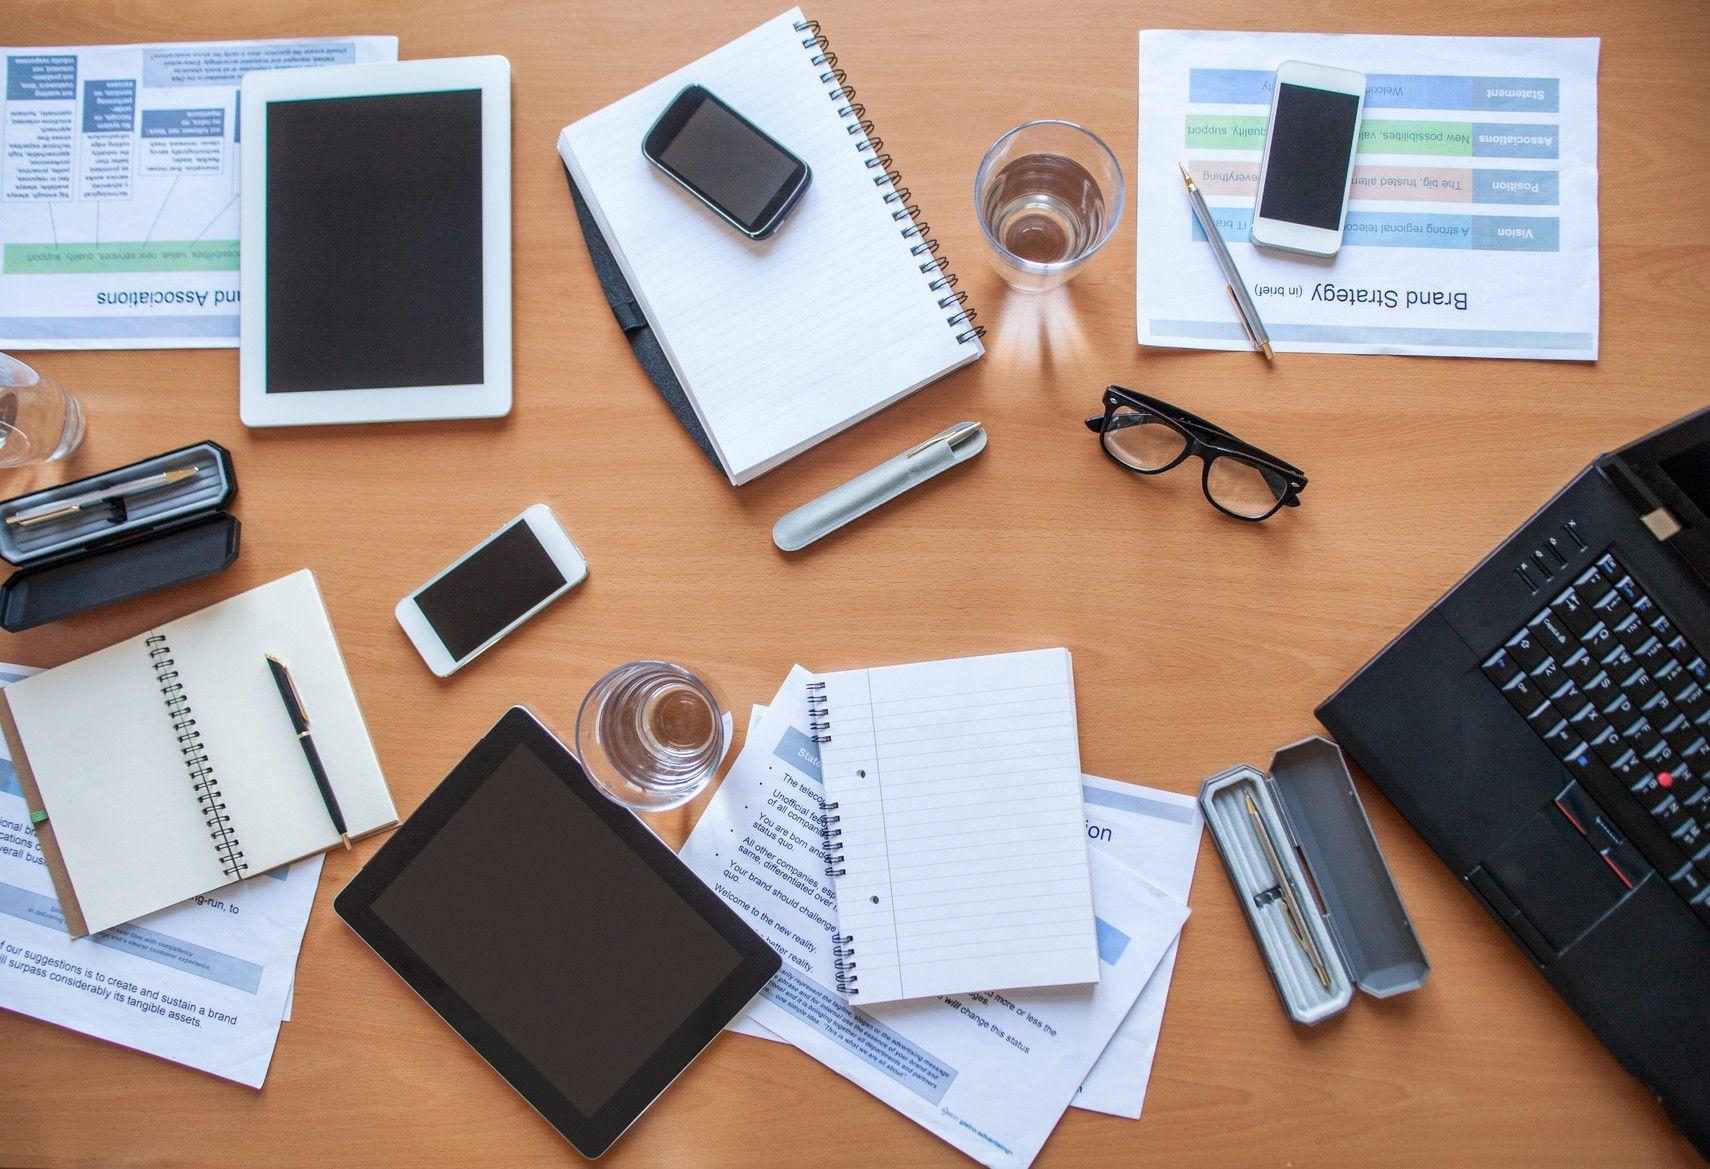 Freelance research writers логистика вакансии удаленная работа